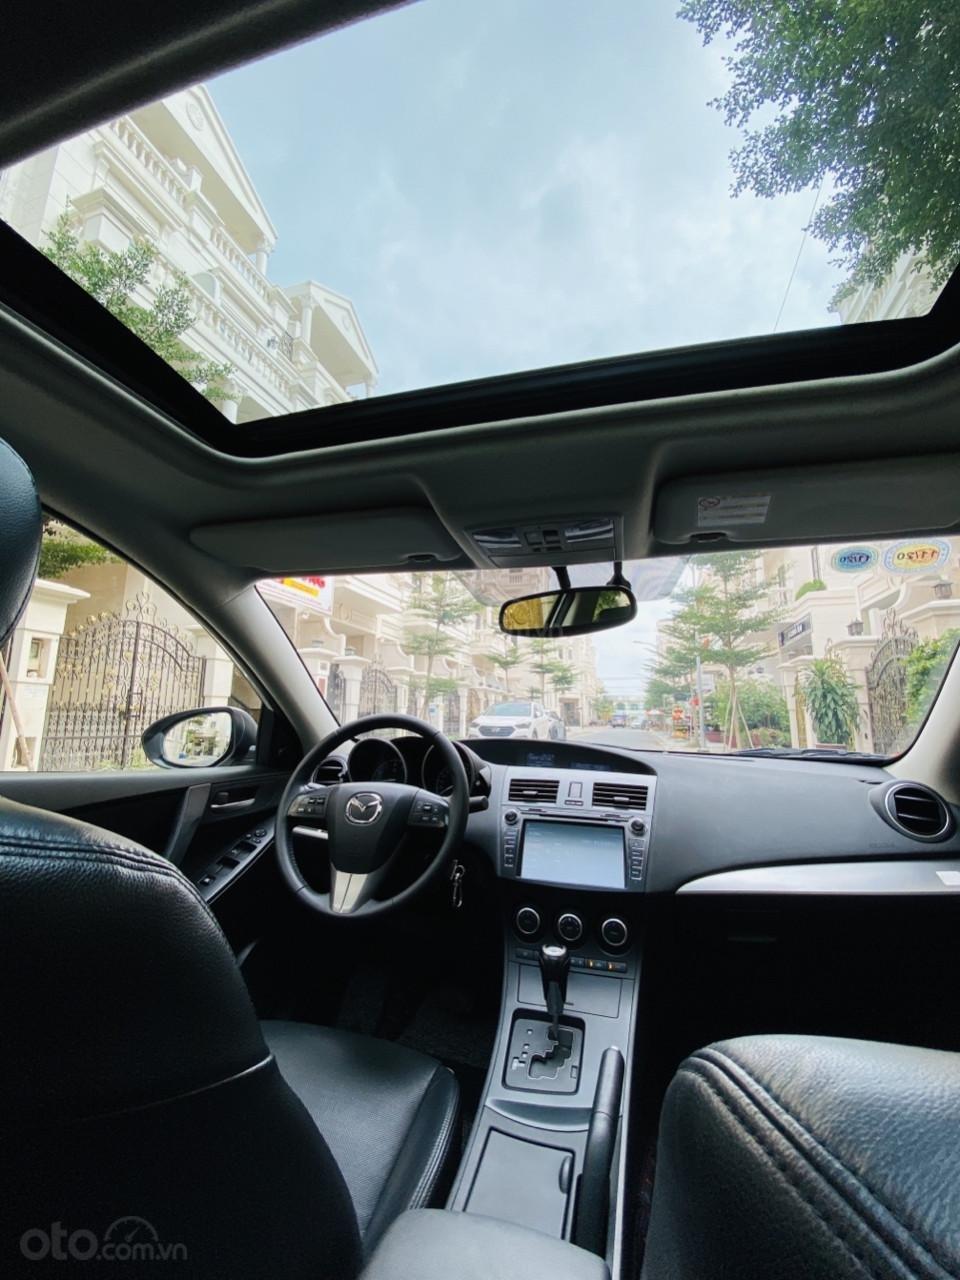 Xe Mazda 3S năm sản xuất 2013 bản đặc biệt (14)